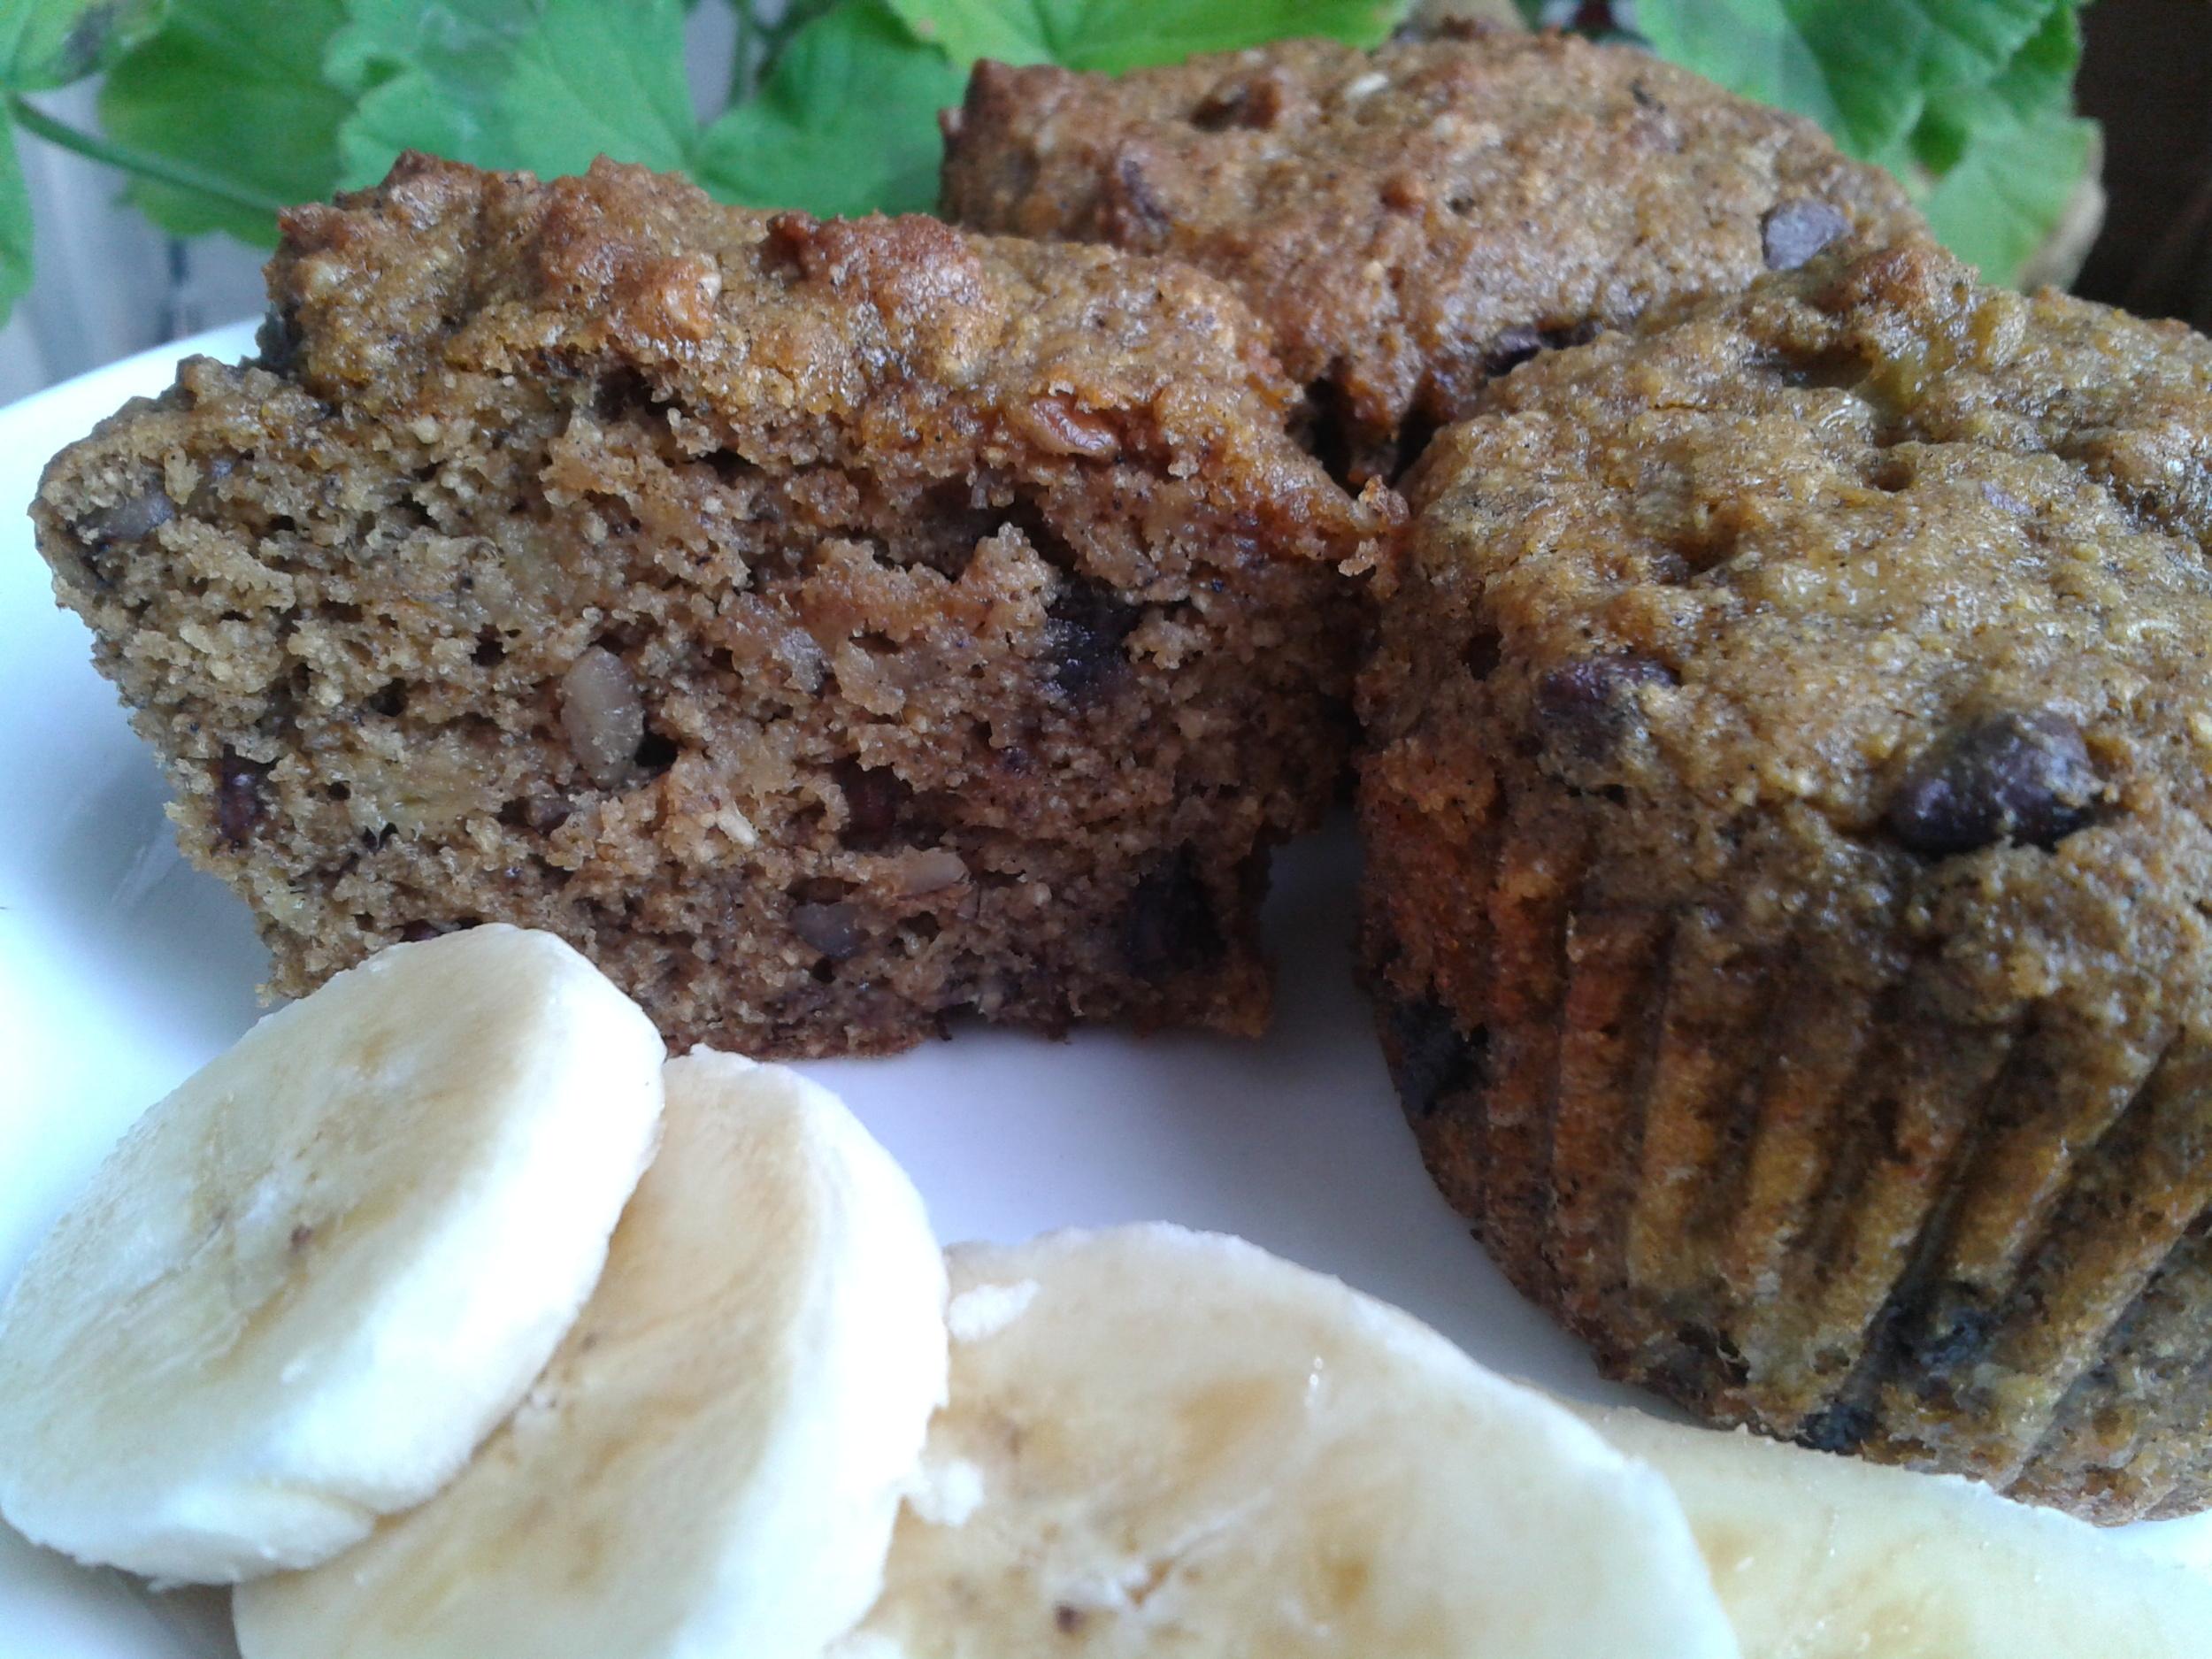 banana chocolate chip muffins 2.jpg